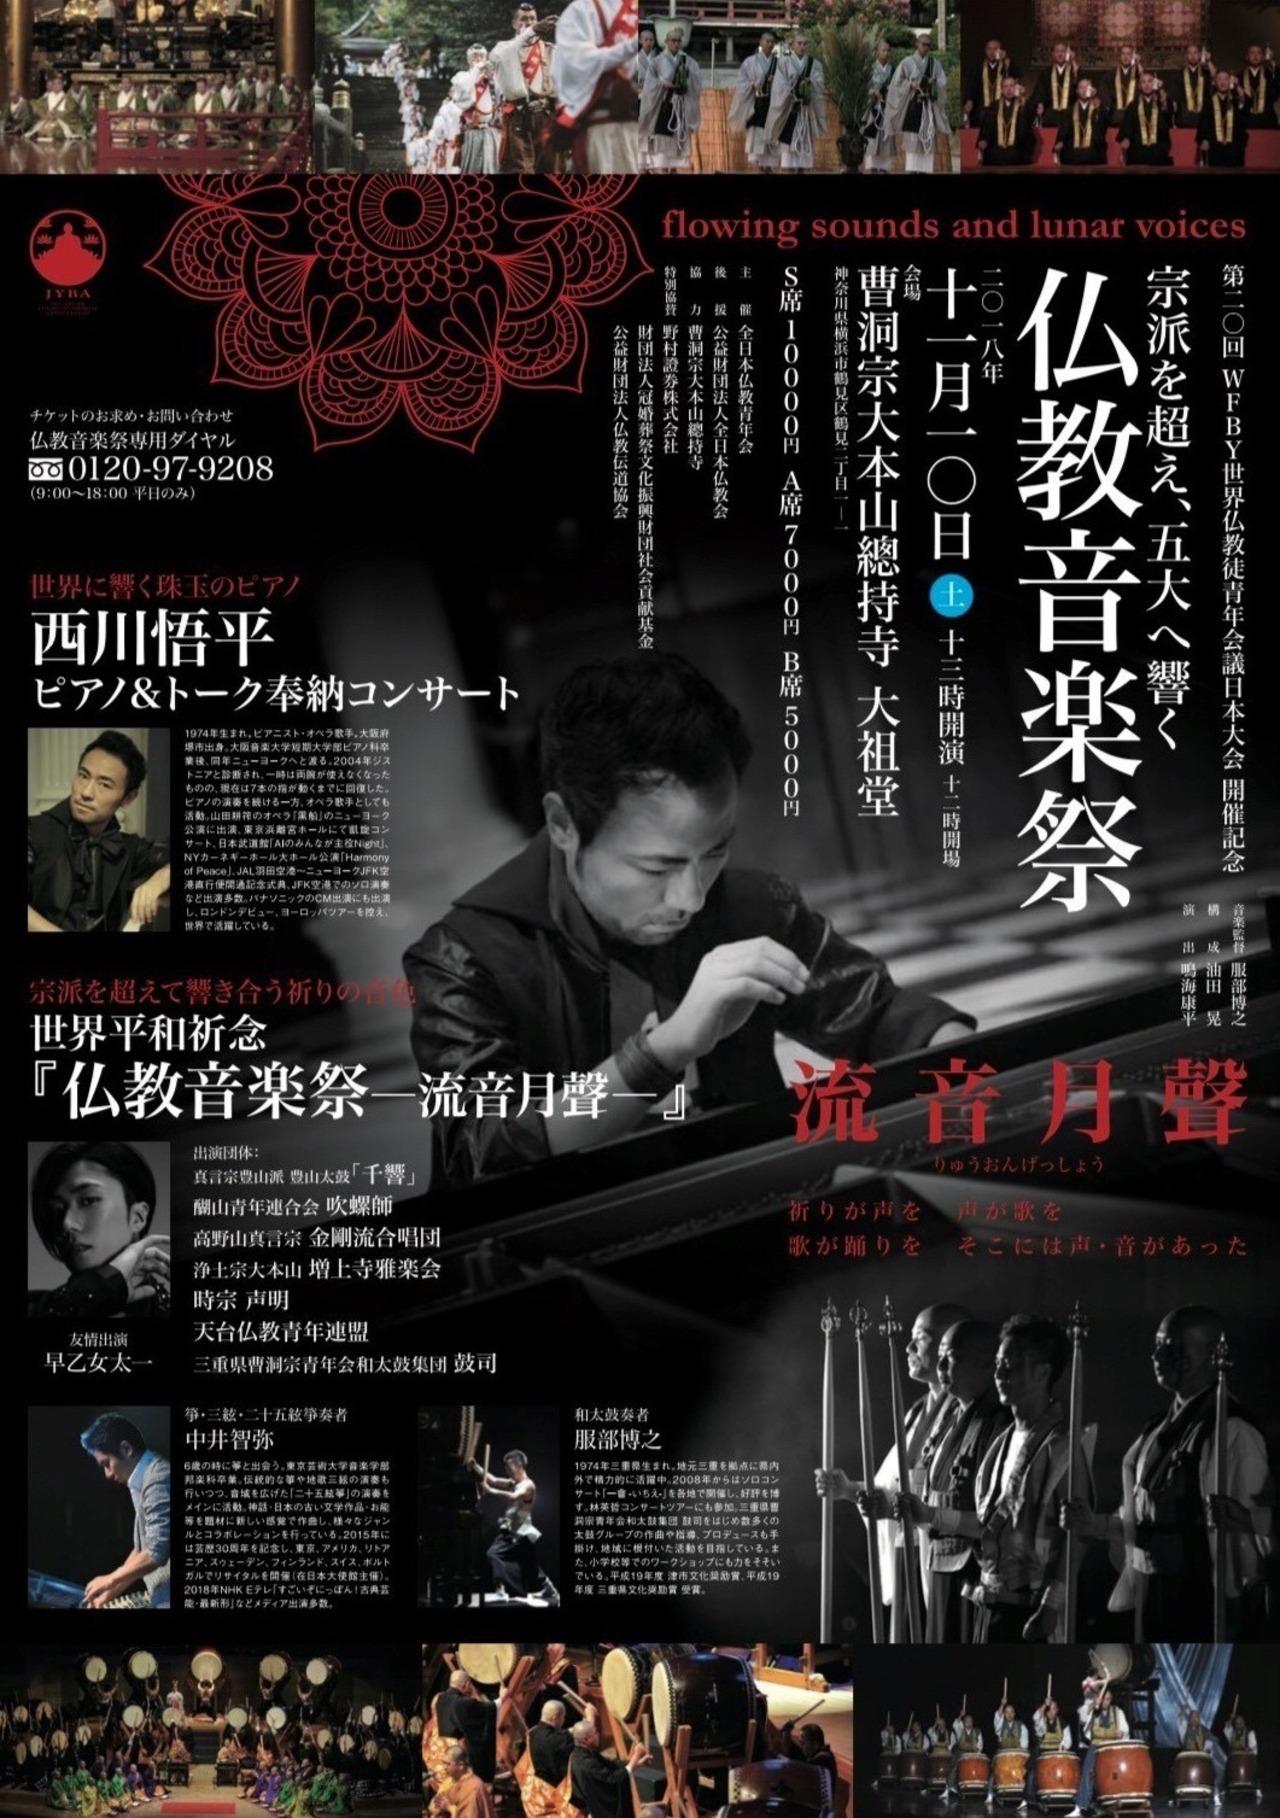 早乙女太一】11/10(土)開催「仏教音楽祭」出演 | NEWS | LDH mobile